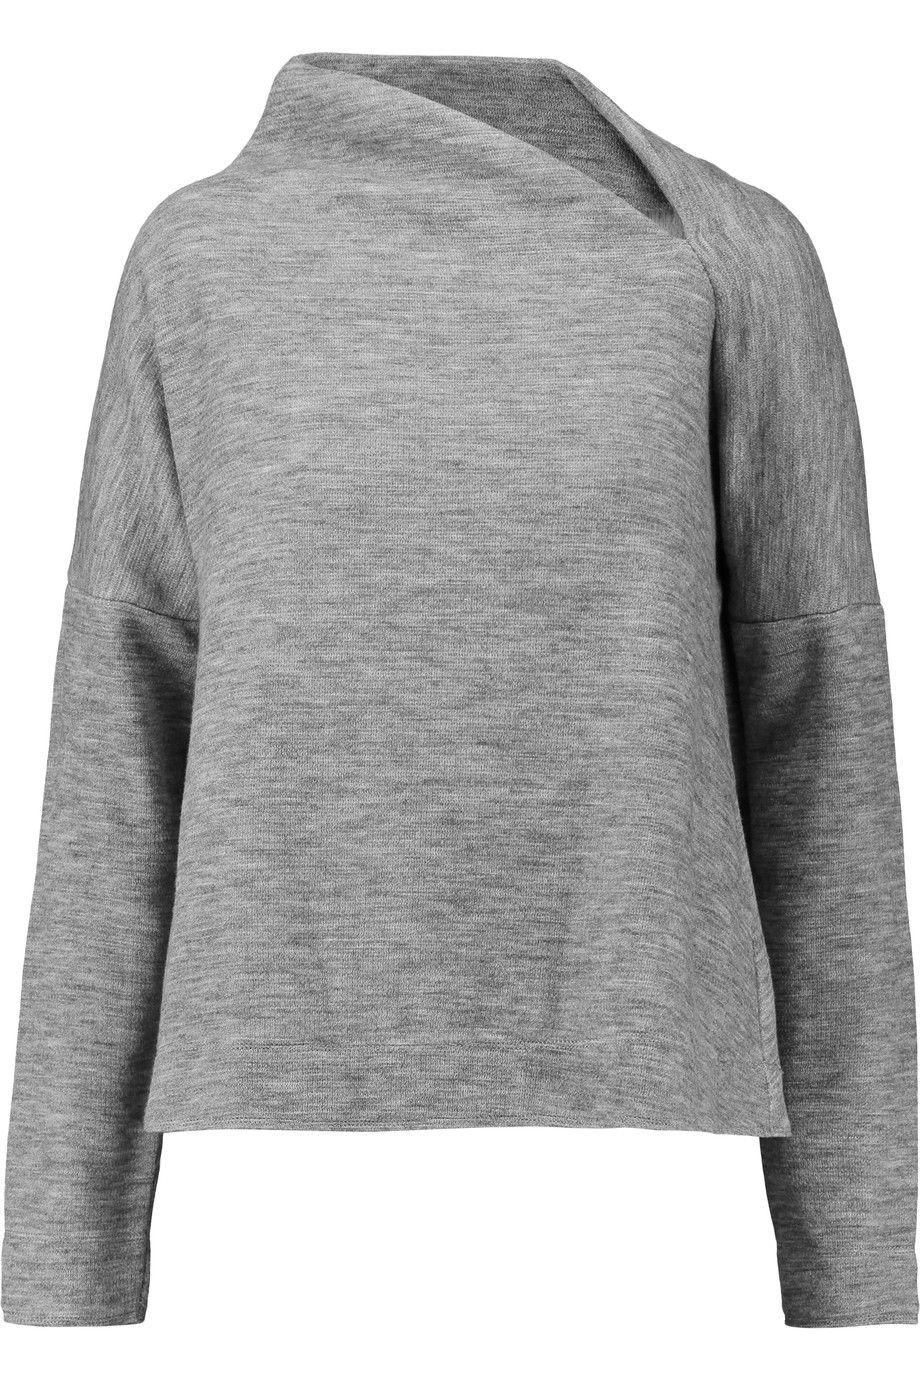 BY MALENE BIRGER Asymmetric slub jersey sweater. #bymalenebirger #cloth #sweater